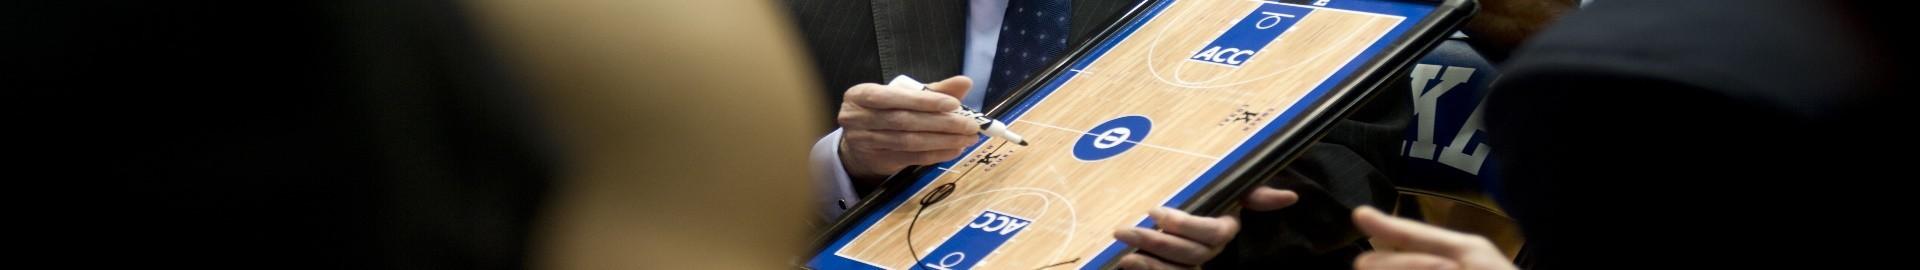 Lavagnette Basket per Allenatori